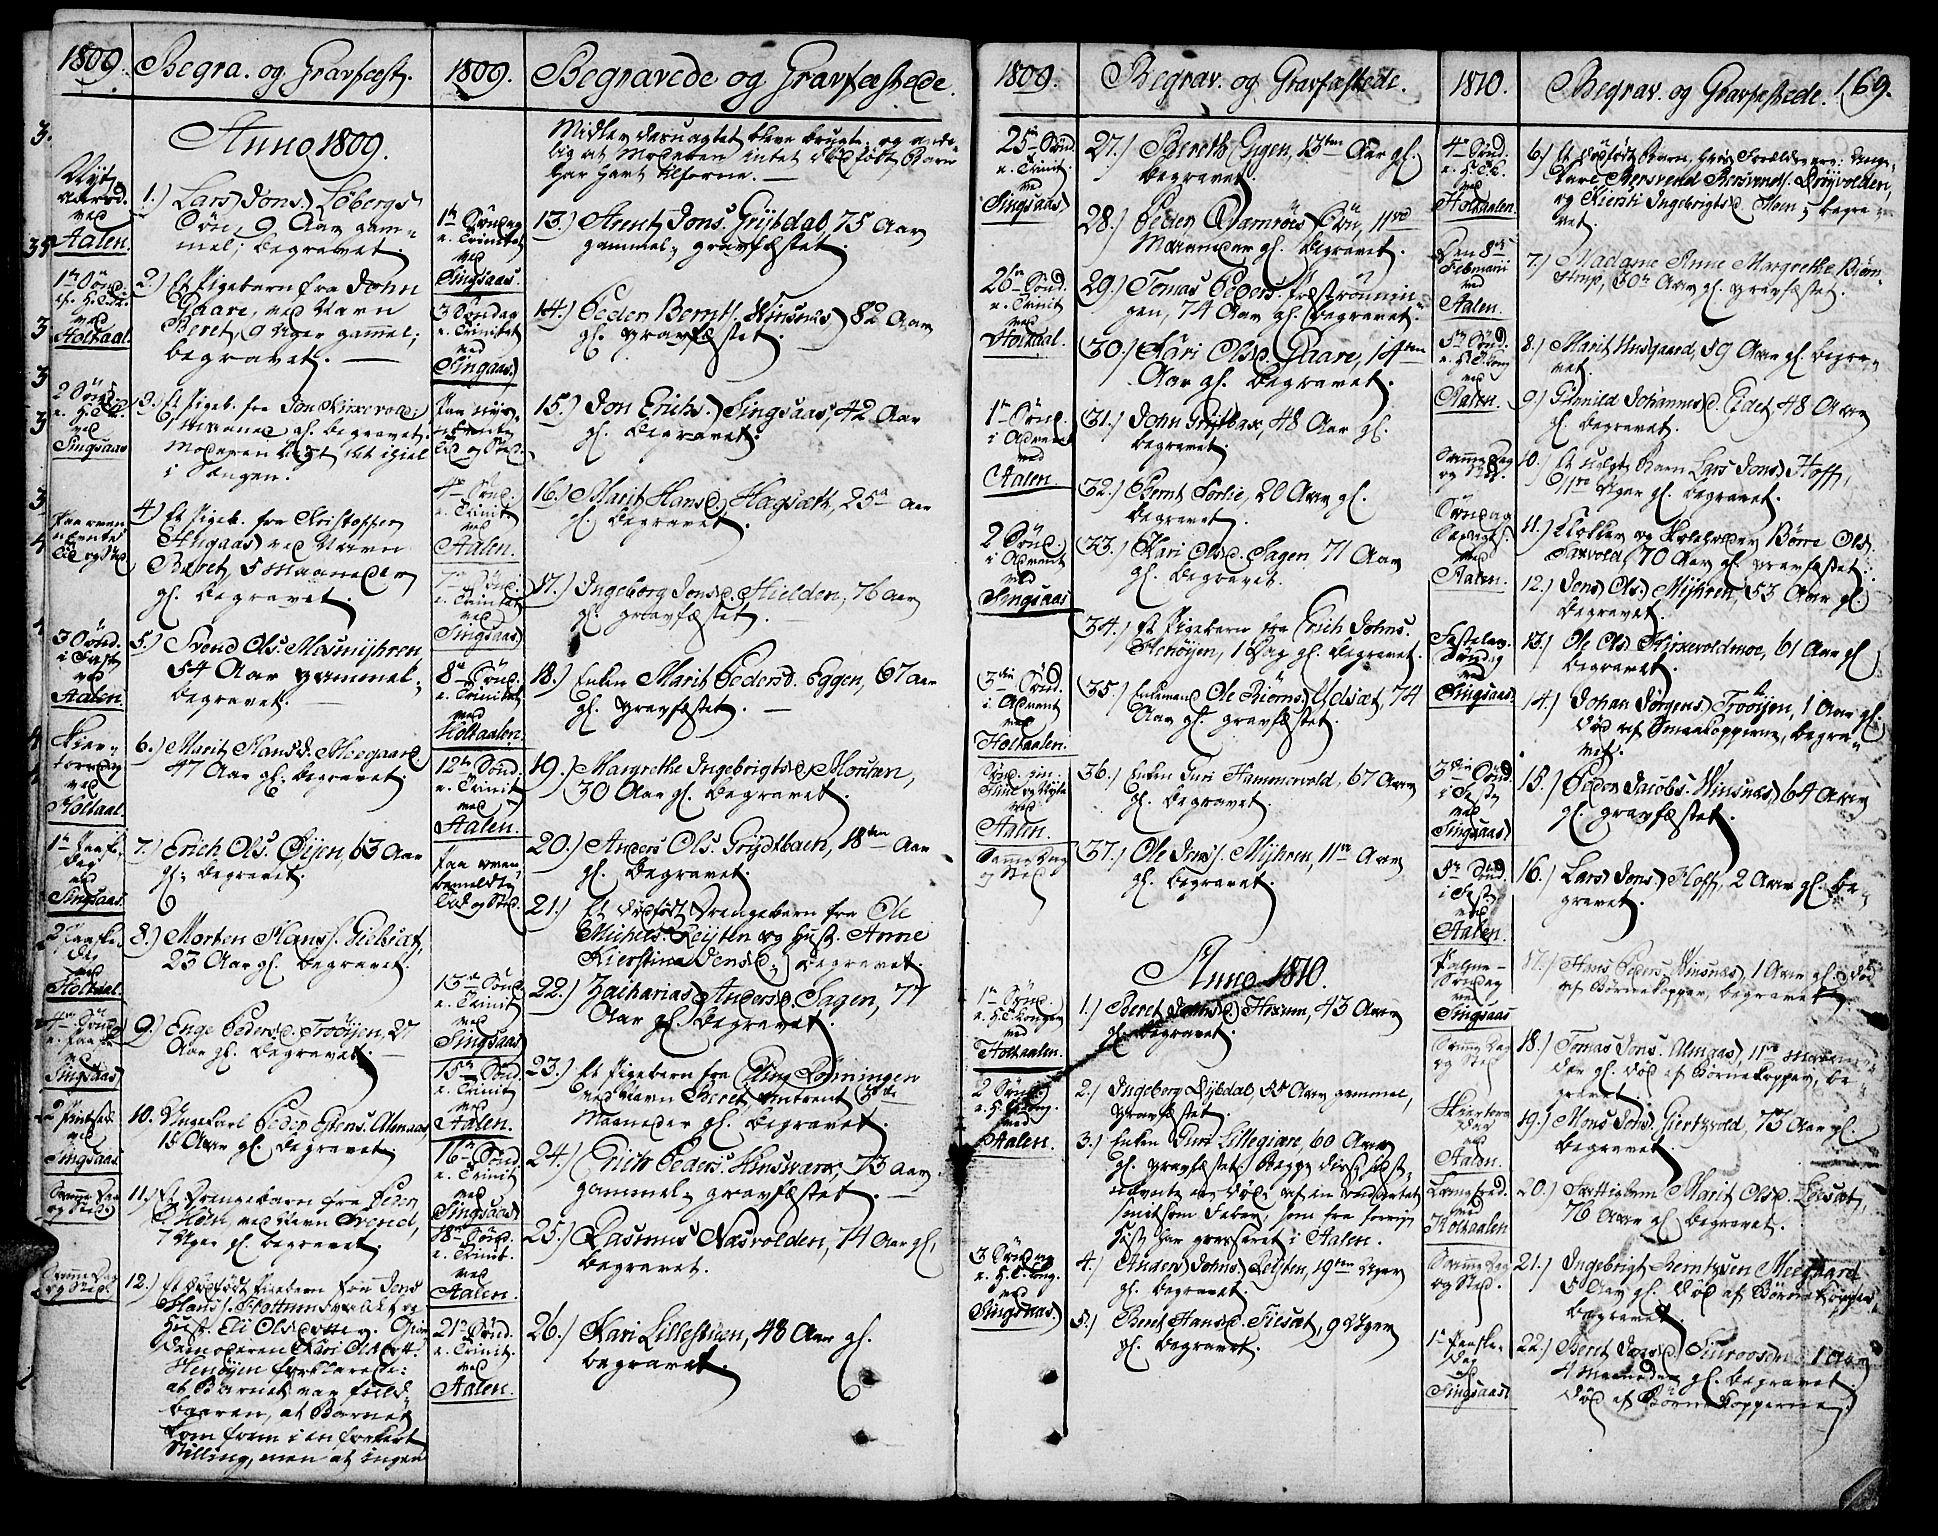 SAT, Ministerialprotokoller, klokkerbøker og fødselsregistre - Sør-Trøndelag, 685/L0953: Ministerialbok nr. 685A02, 1805-1816, s. 169